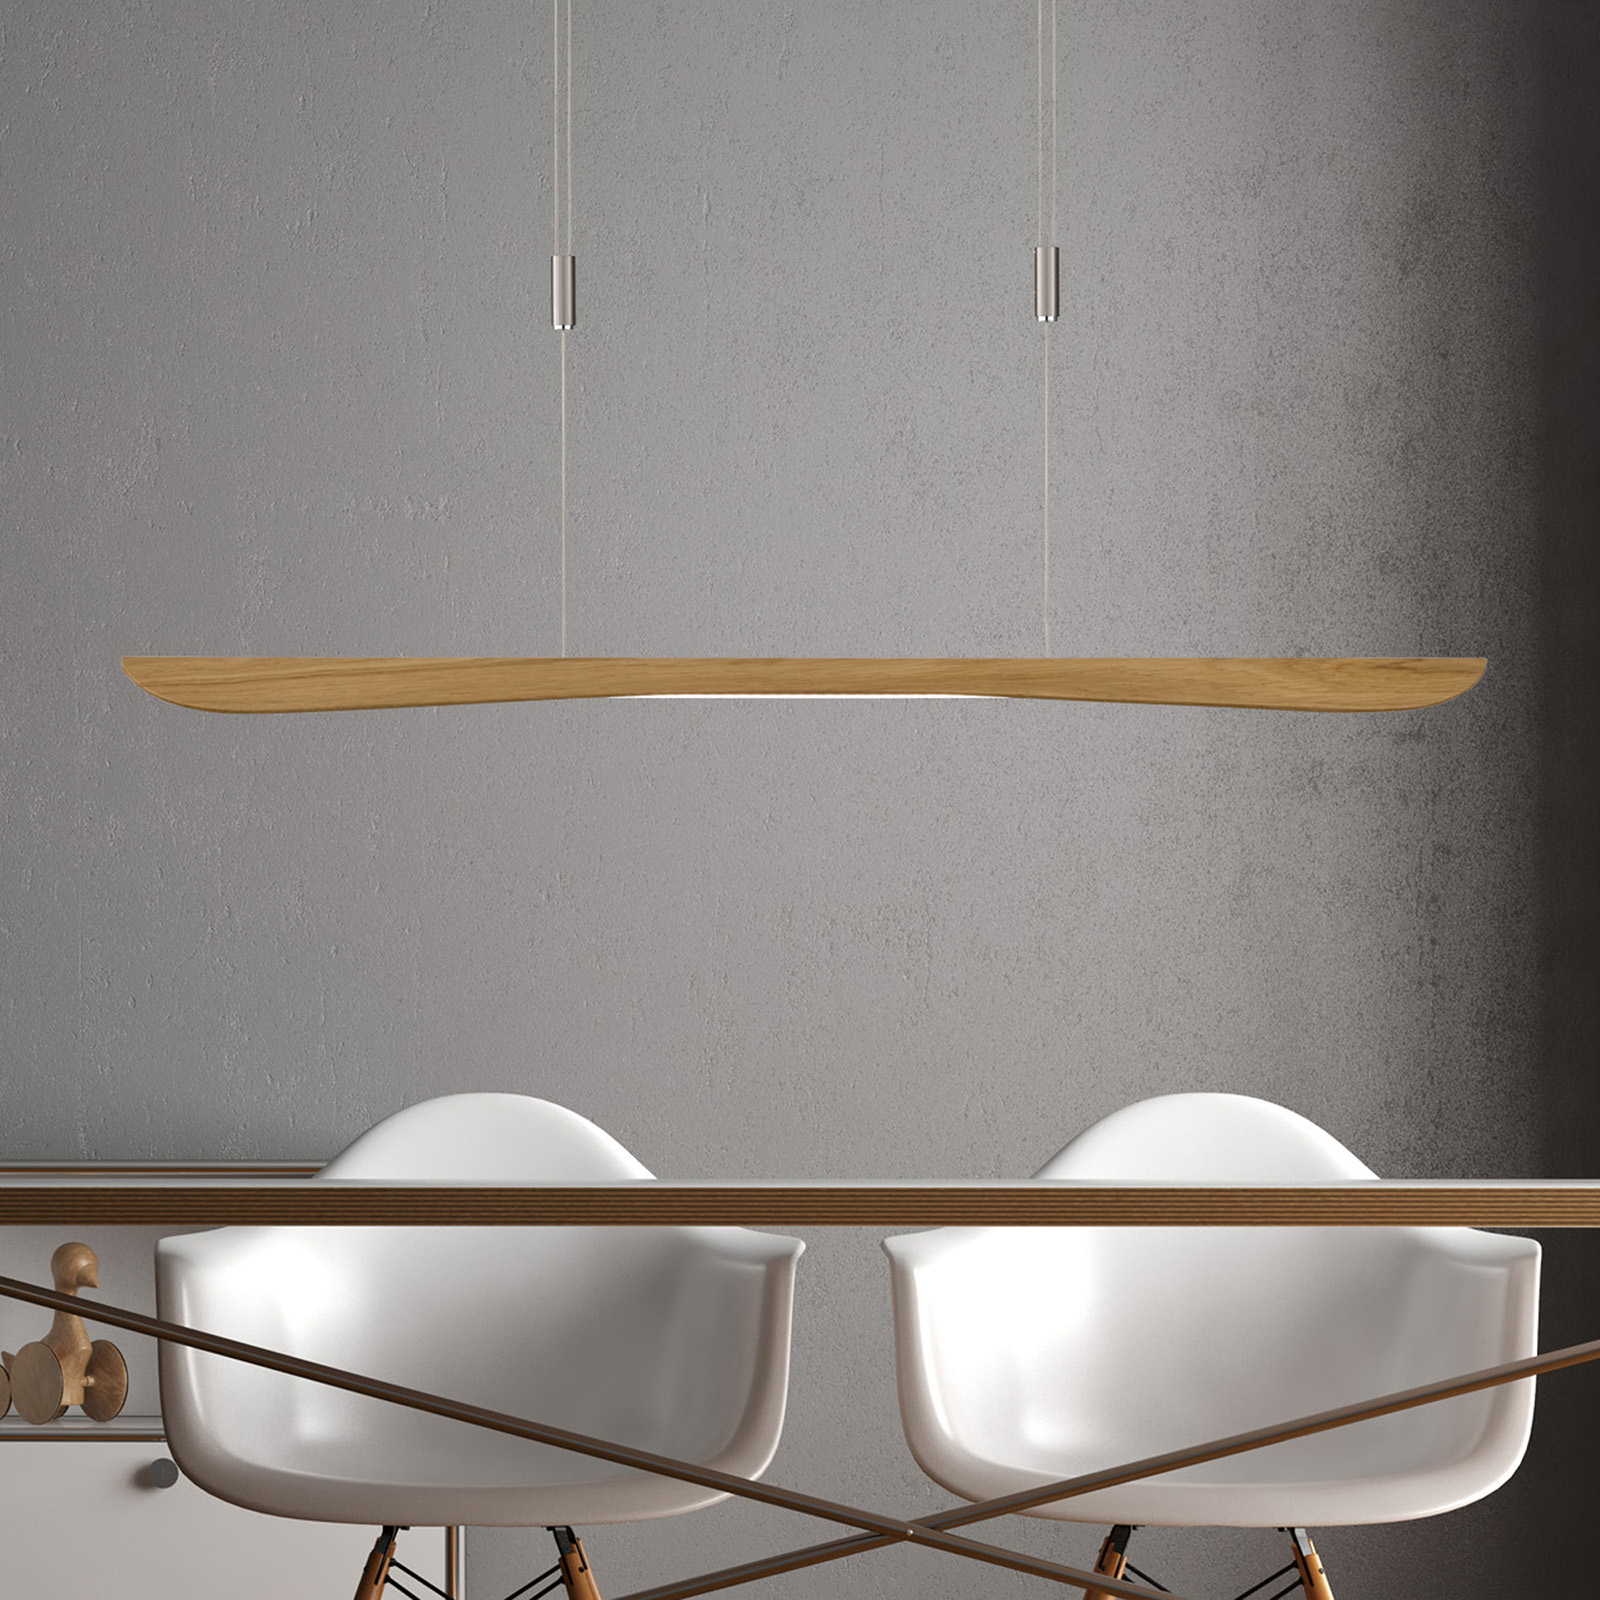 Lucande Hiba LED hanglamp, eiken naturel, 118 cm